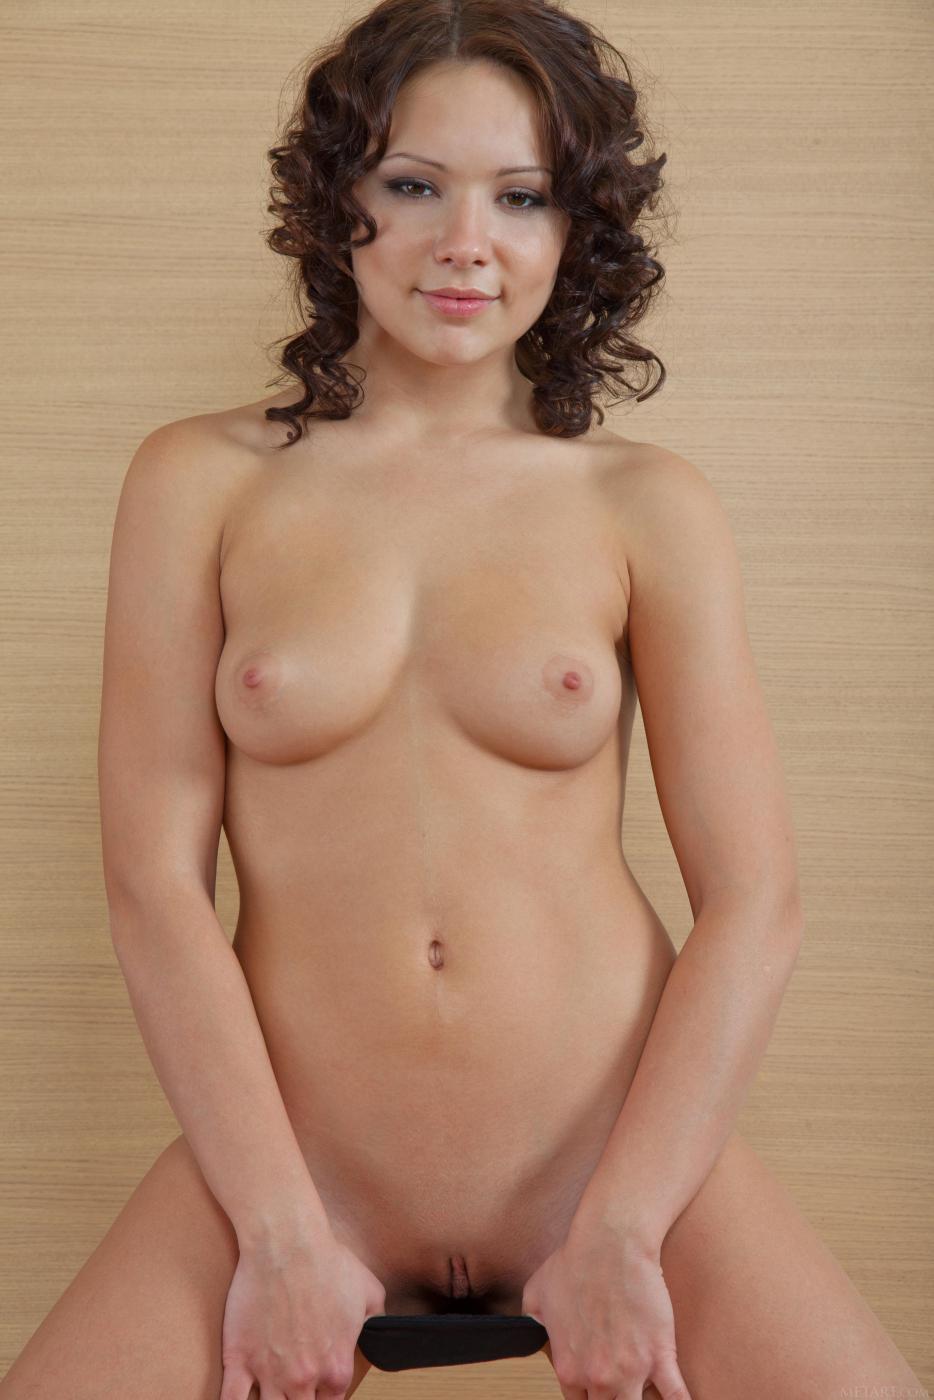 Ослепительная Beatrice C снимает черное белье и позирует голышом, показывая свое роскошное тело